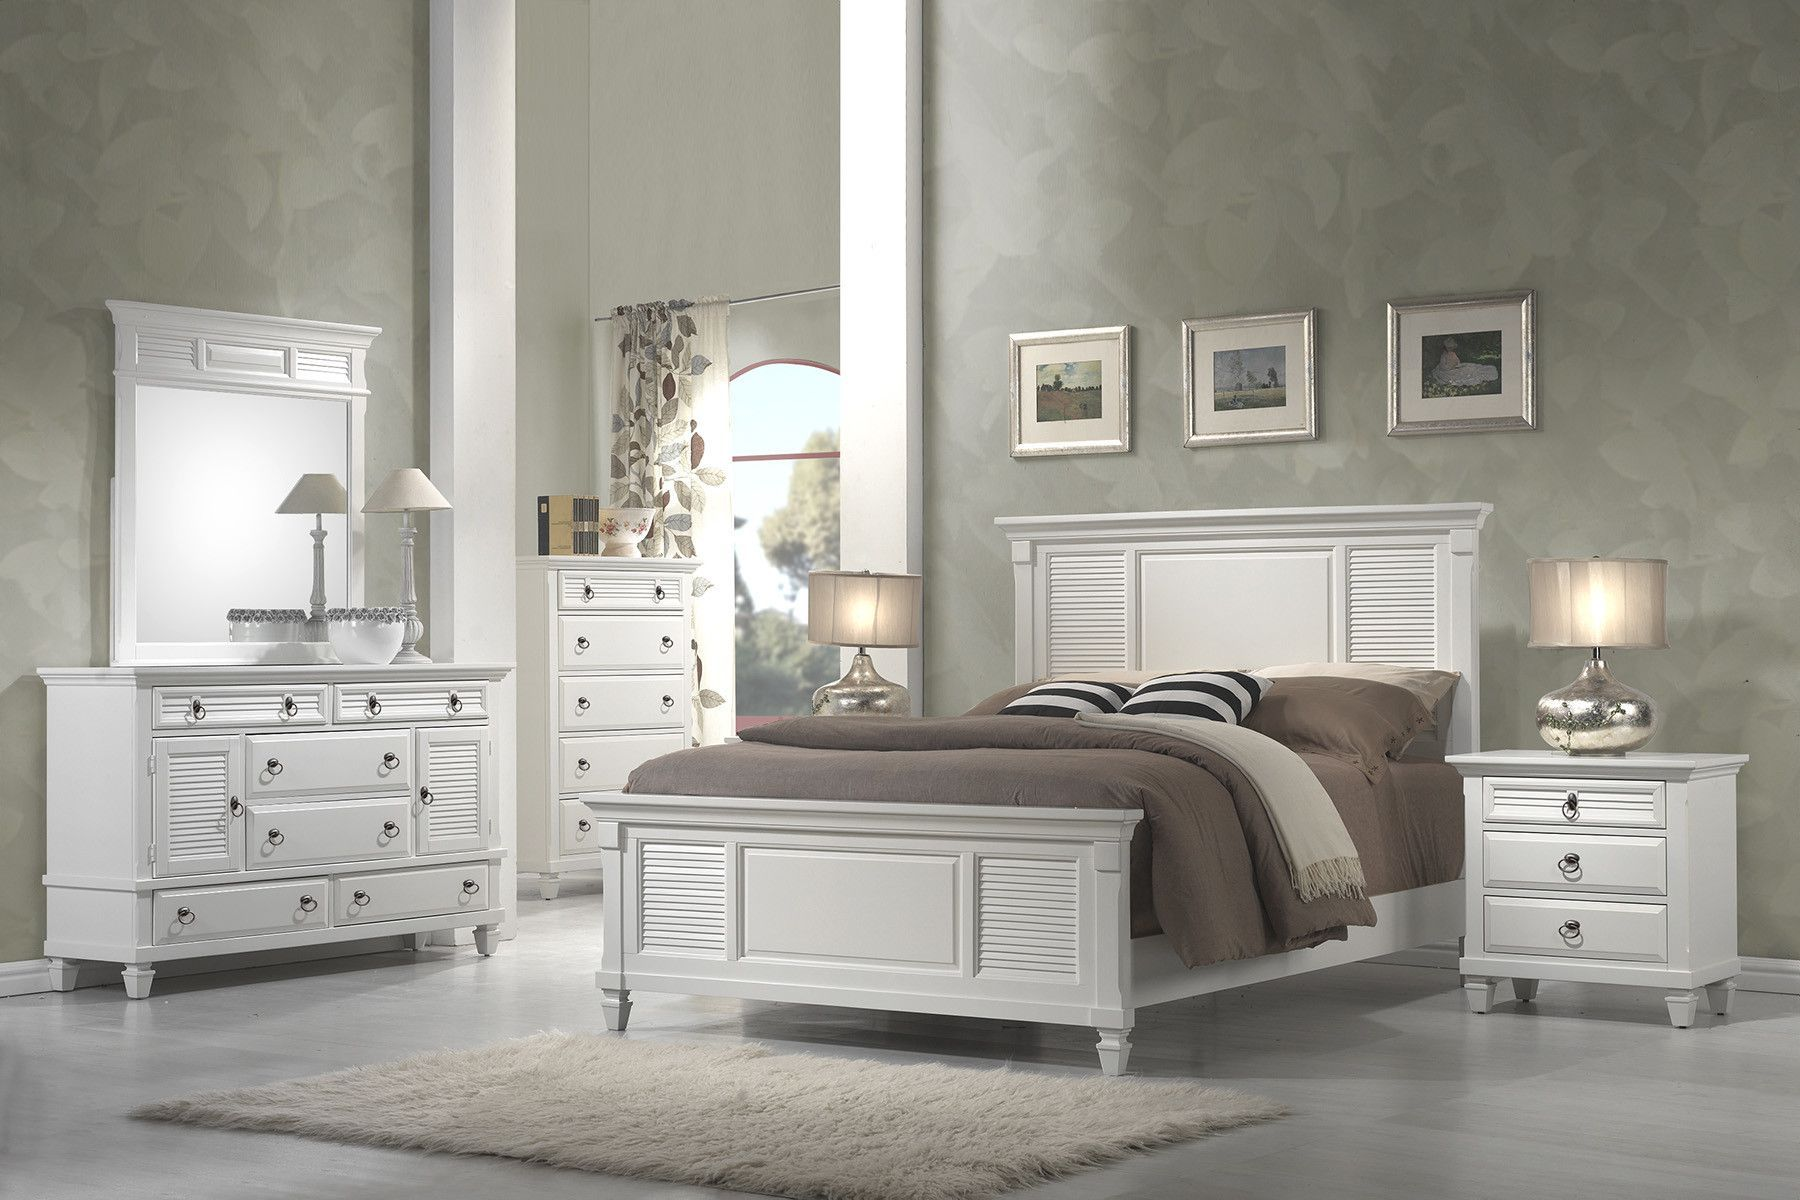 Norfolk 5 Drawer Chest Bedroom dresser sets, Affordable